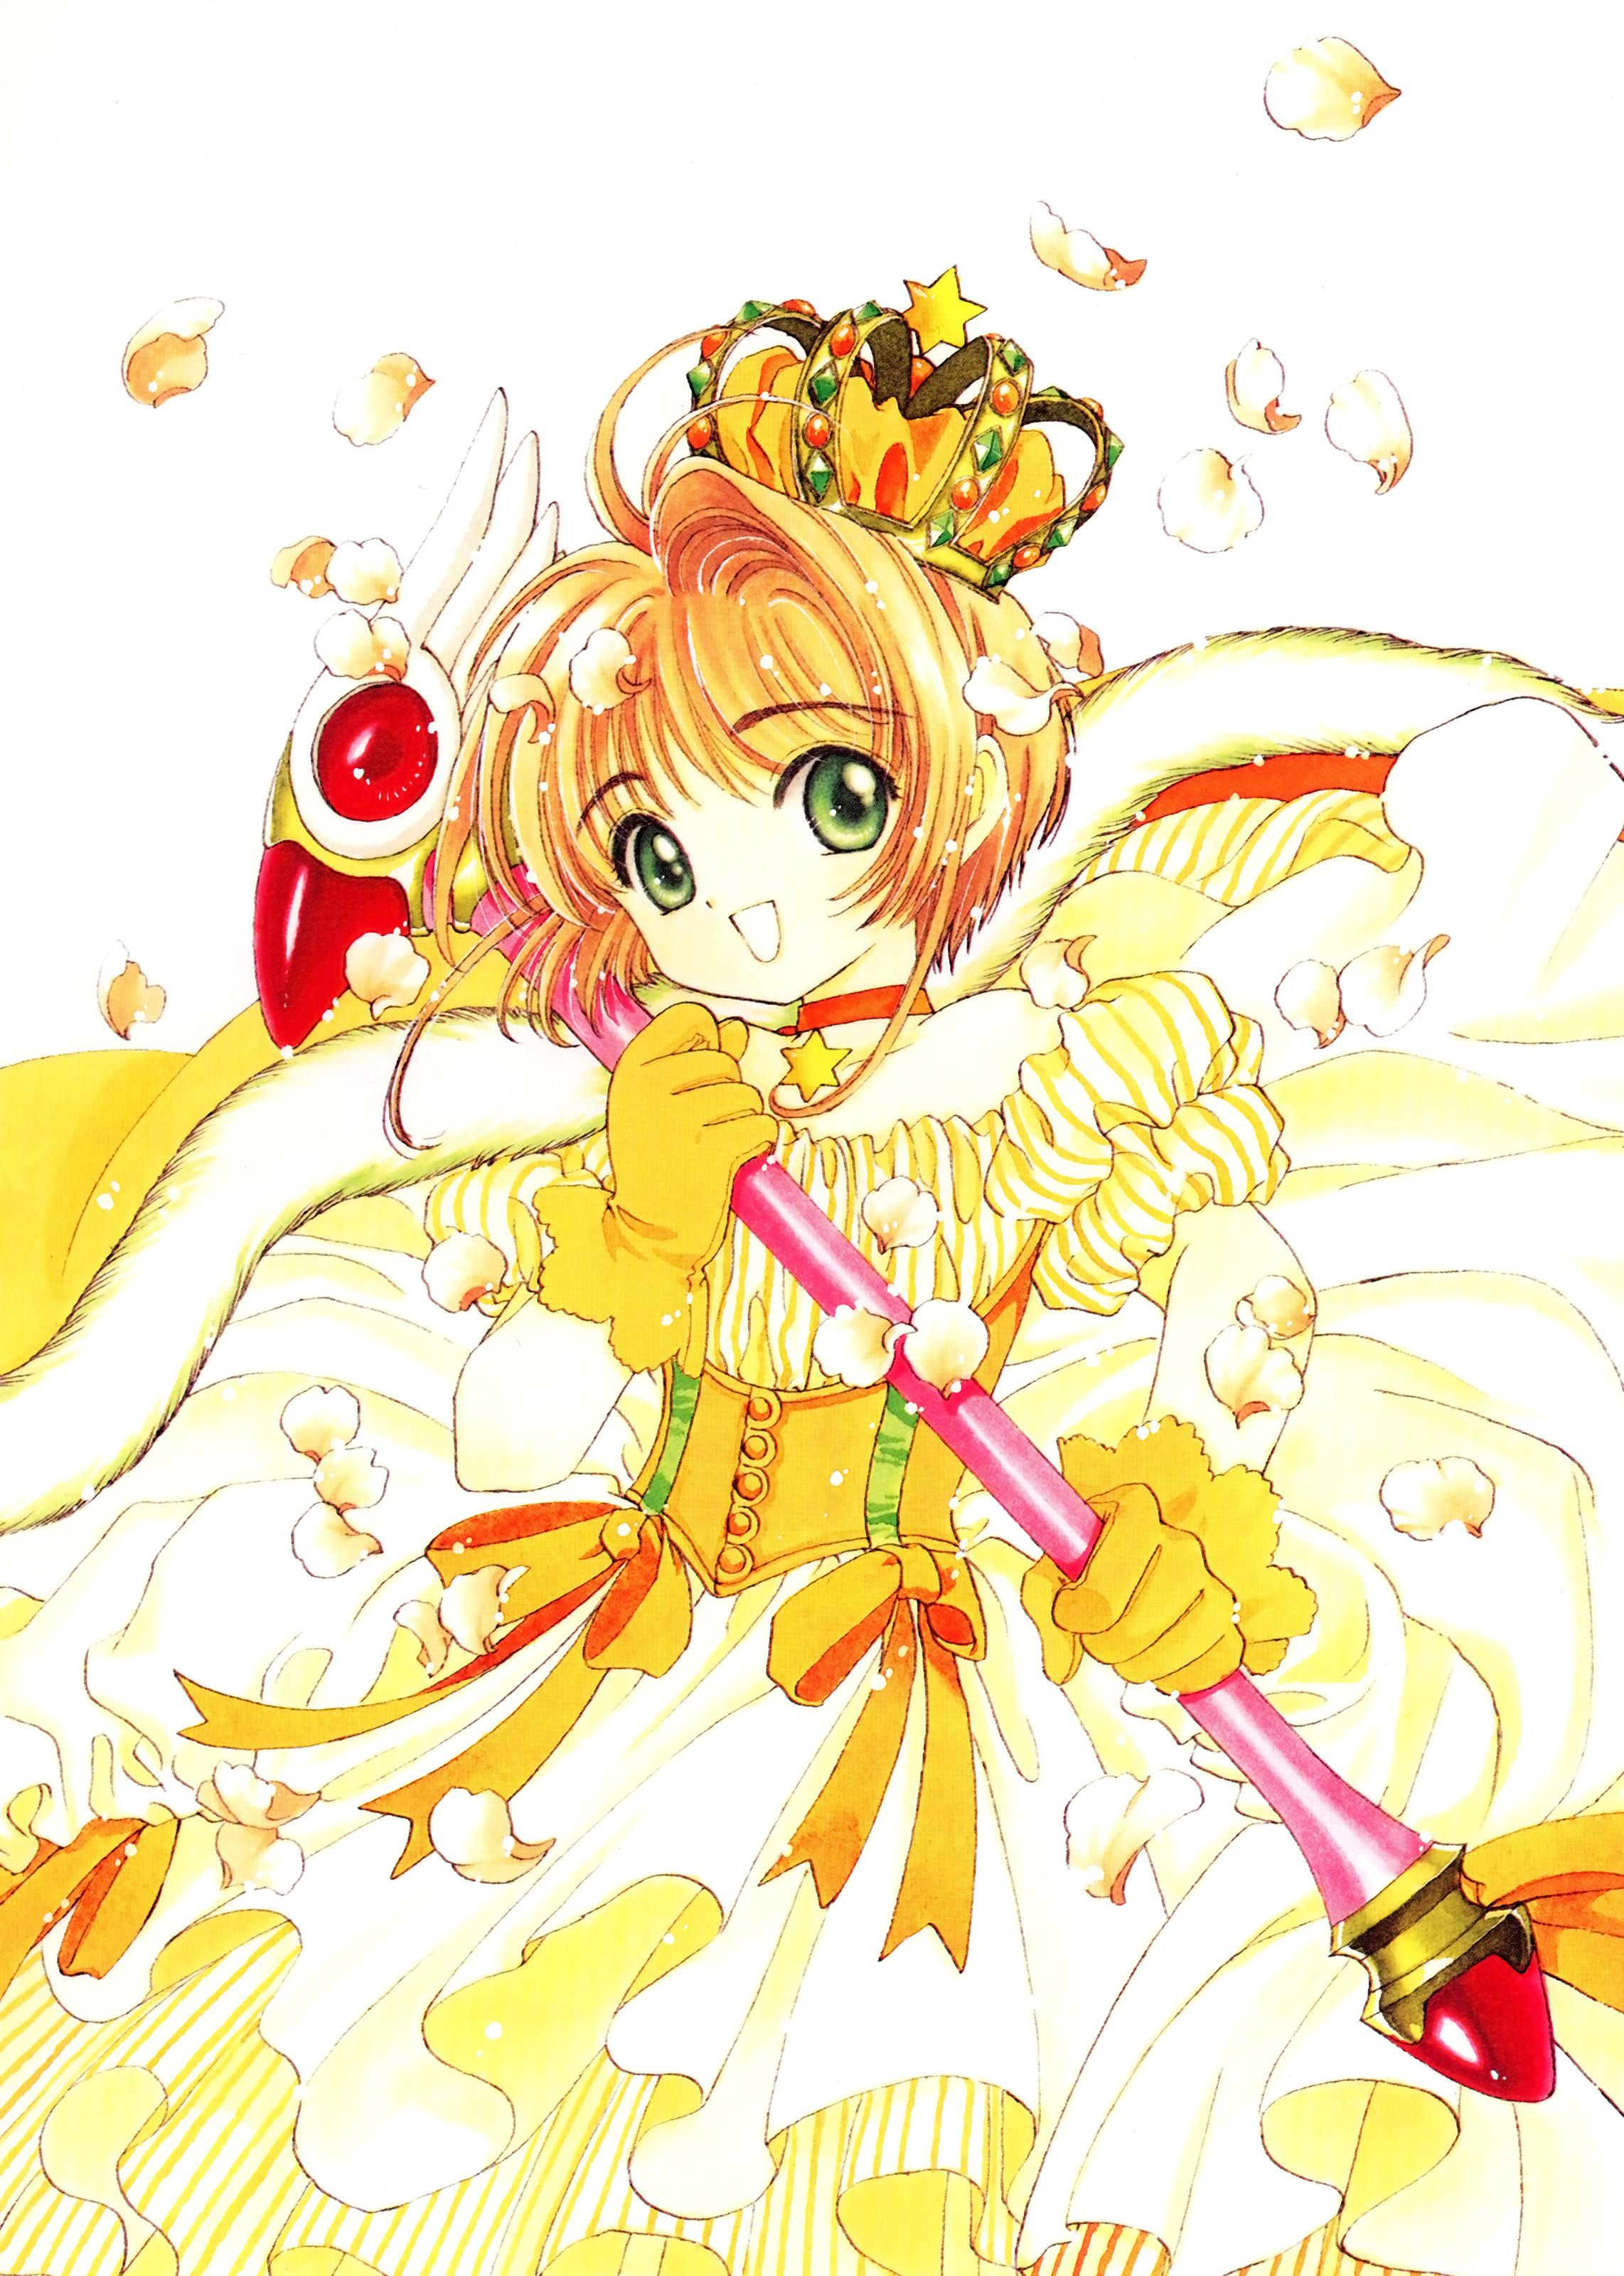 http://static.zerochan.net/Kinomoto.Sakura.full.846935.jpg